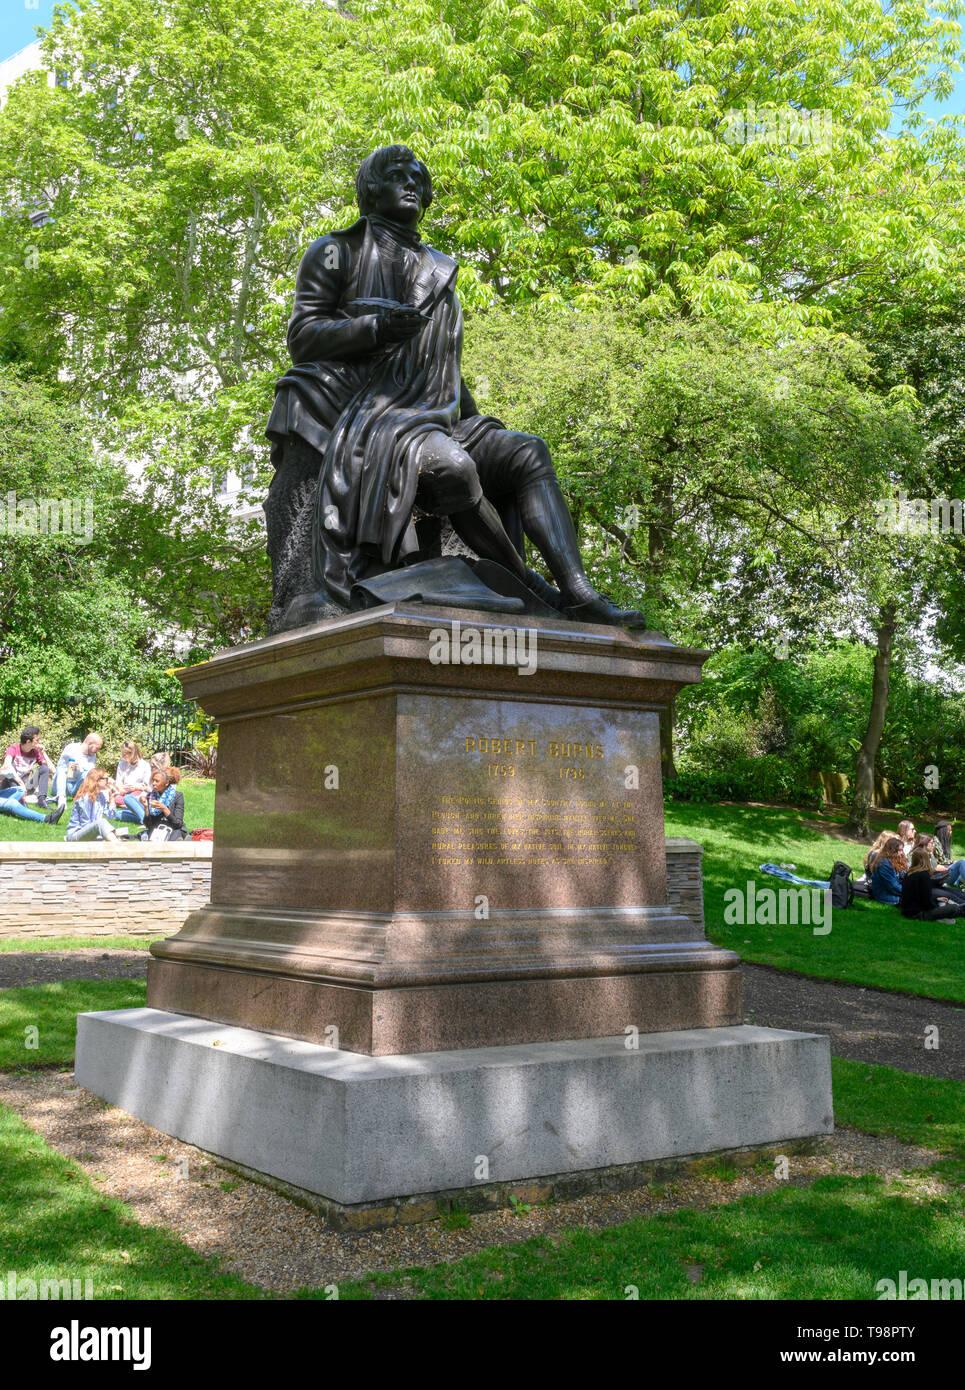 Statue of Robert 'Robbie' Burns in the Victoria Embankment Gardens, Victoria Embankment, London, England, UK - Stock Image